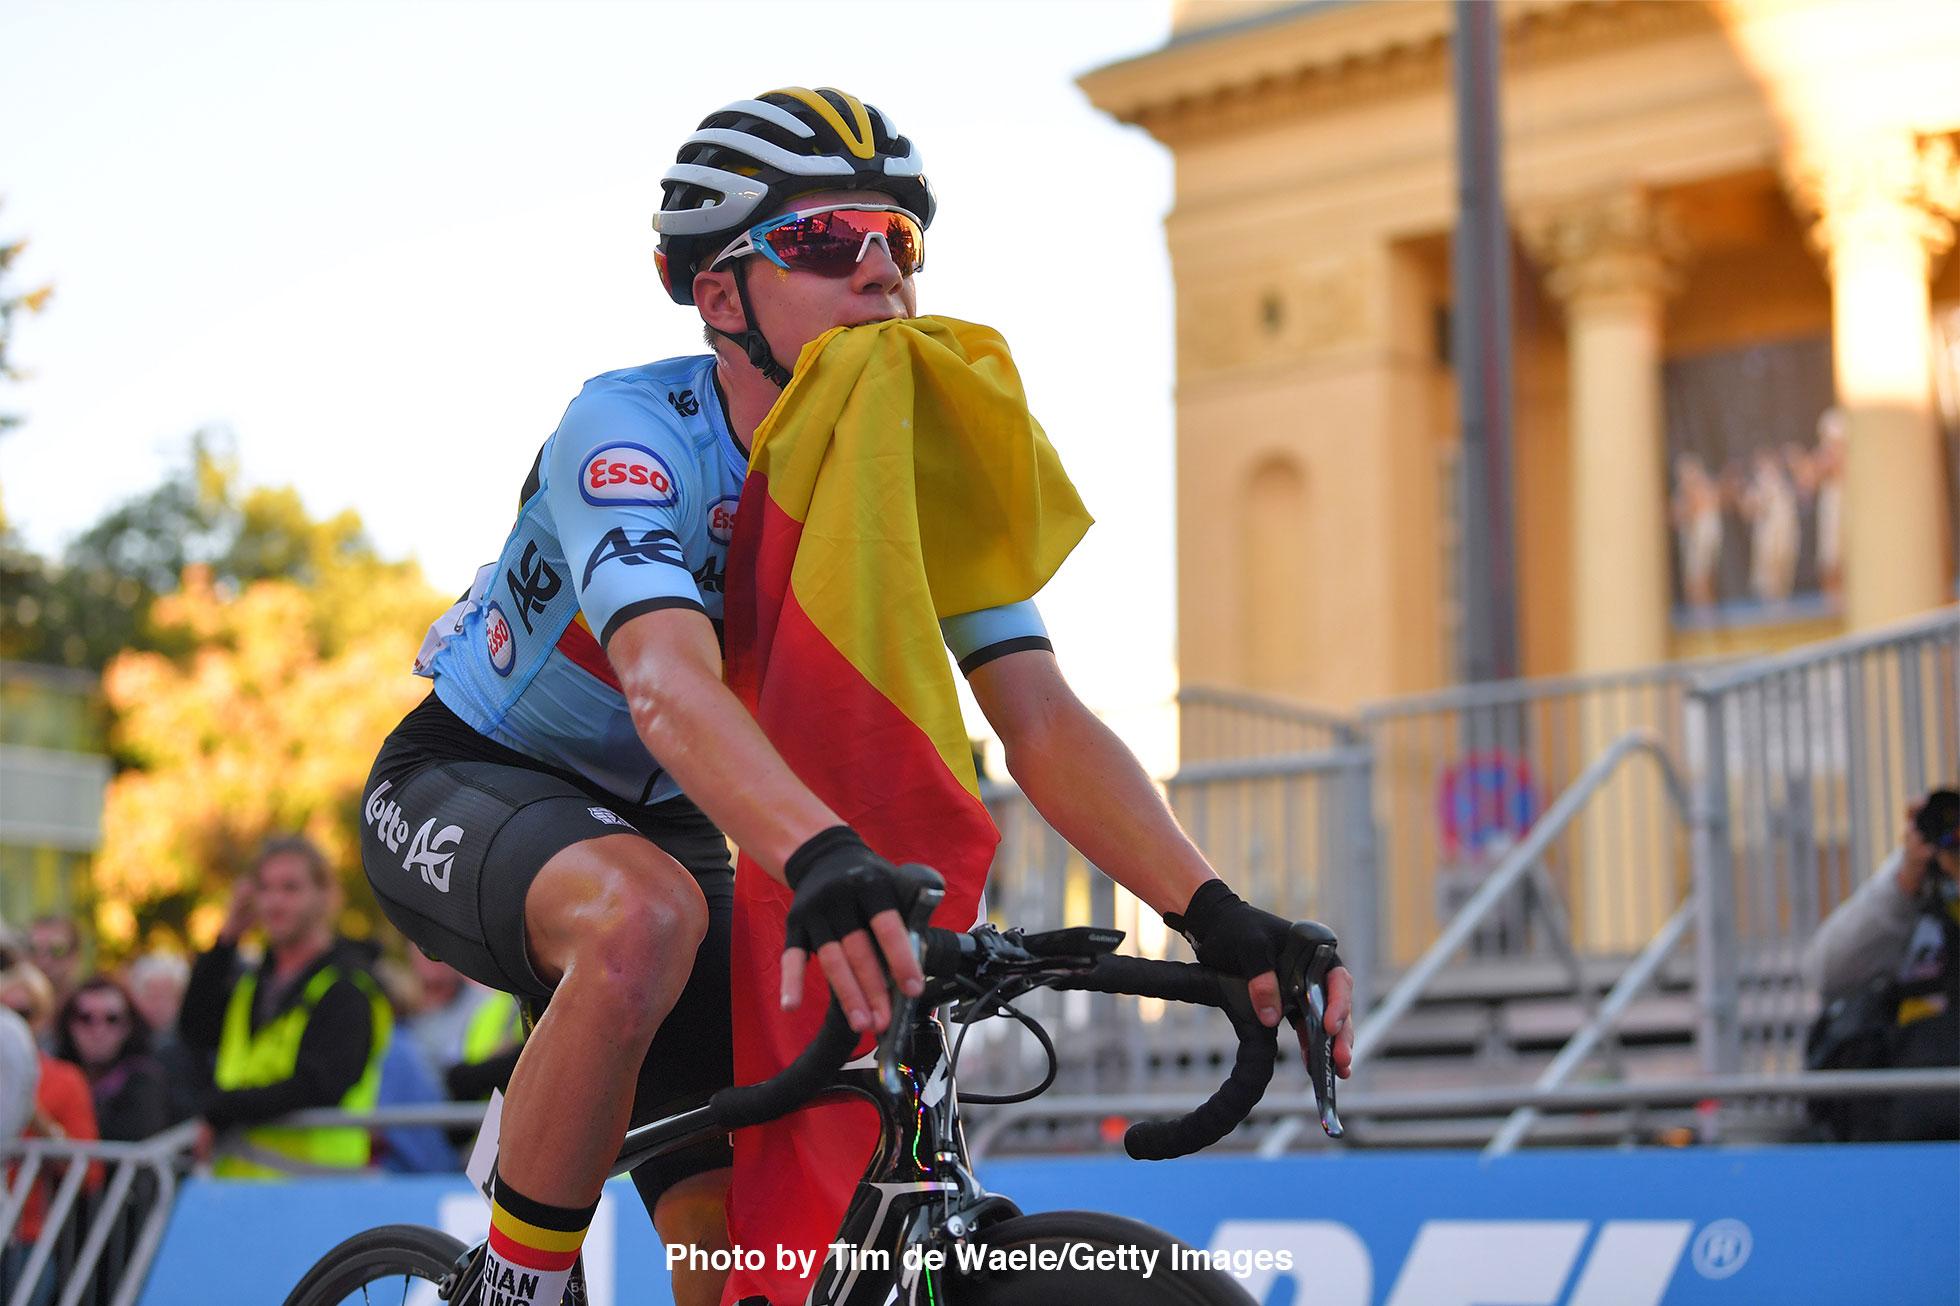 2018ロード世界選手権男子ジュニアロードレースのレムコ・イヴェネプール